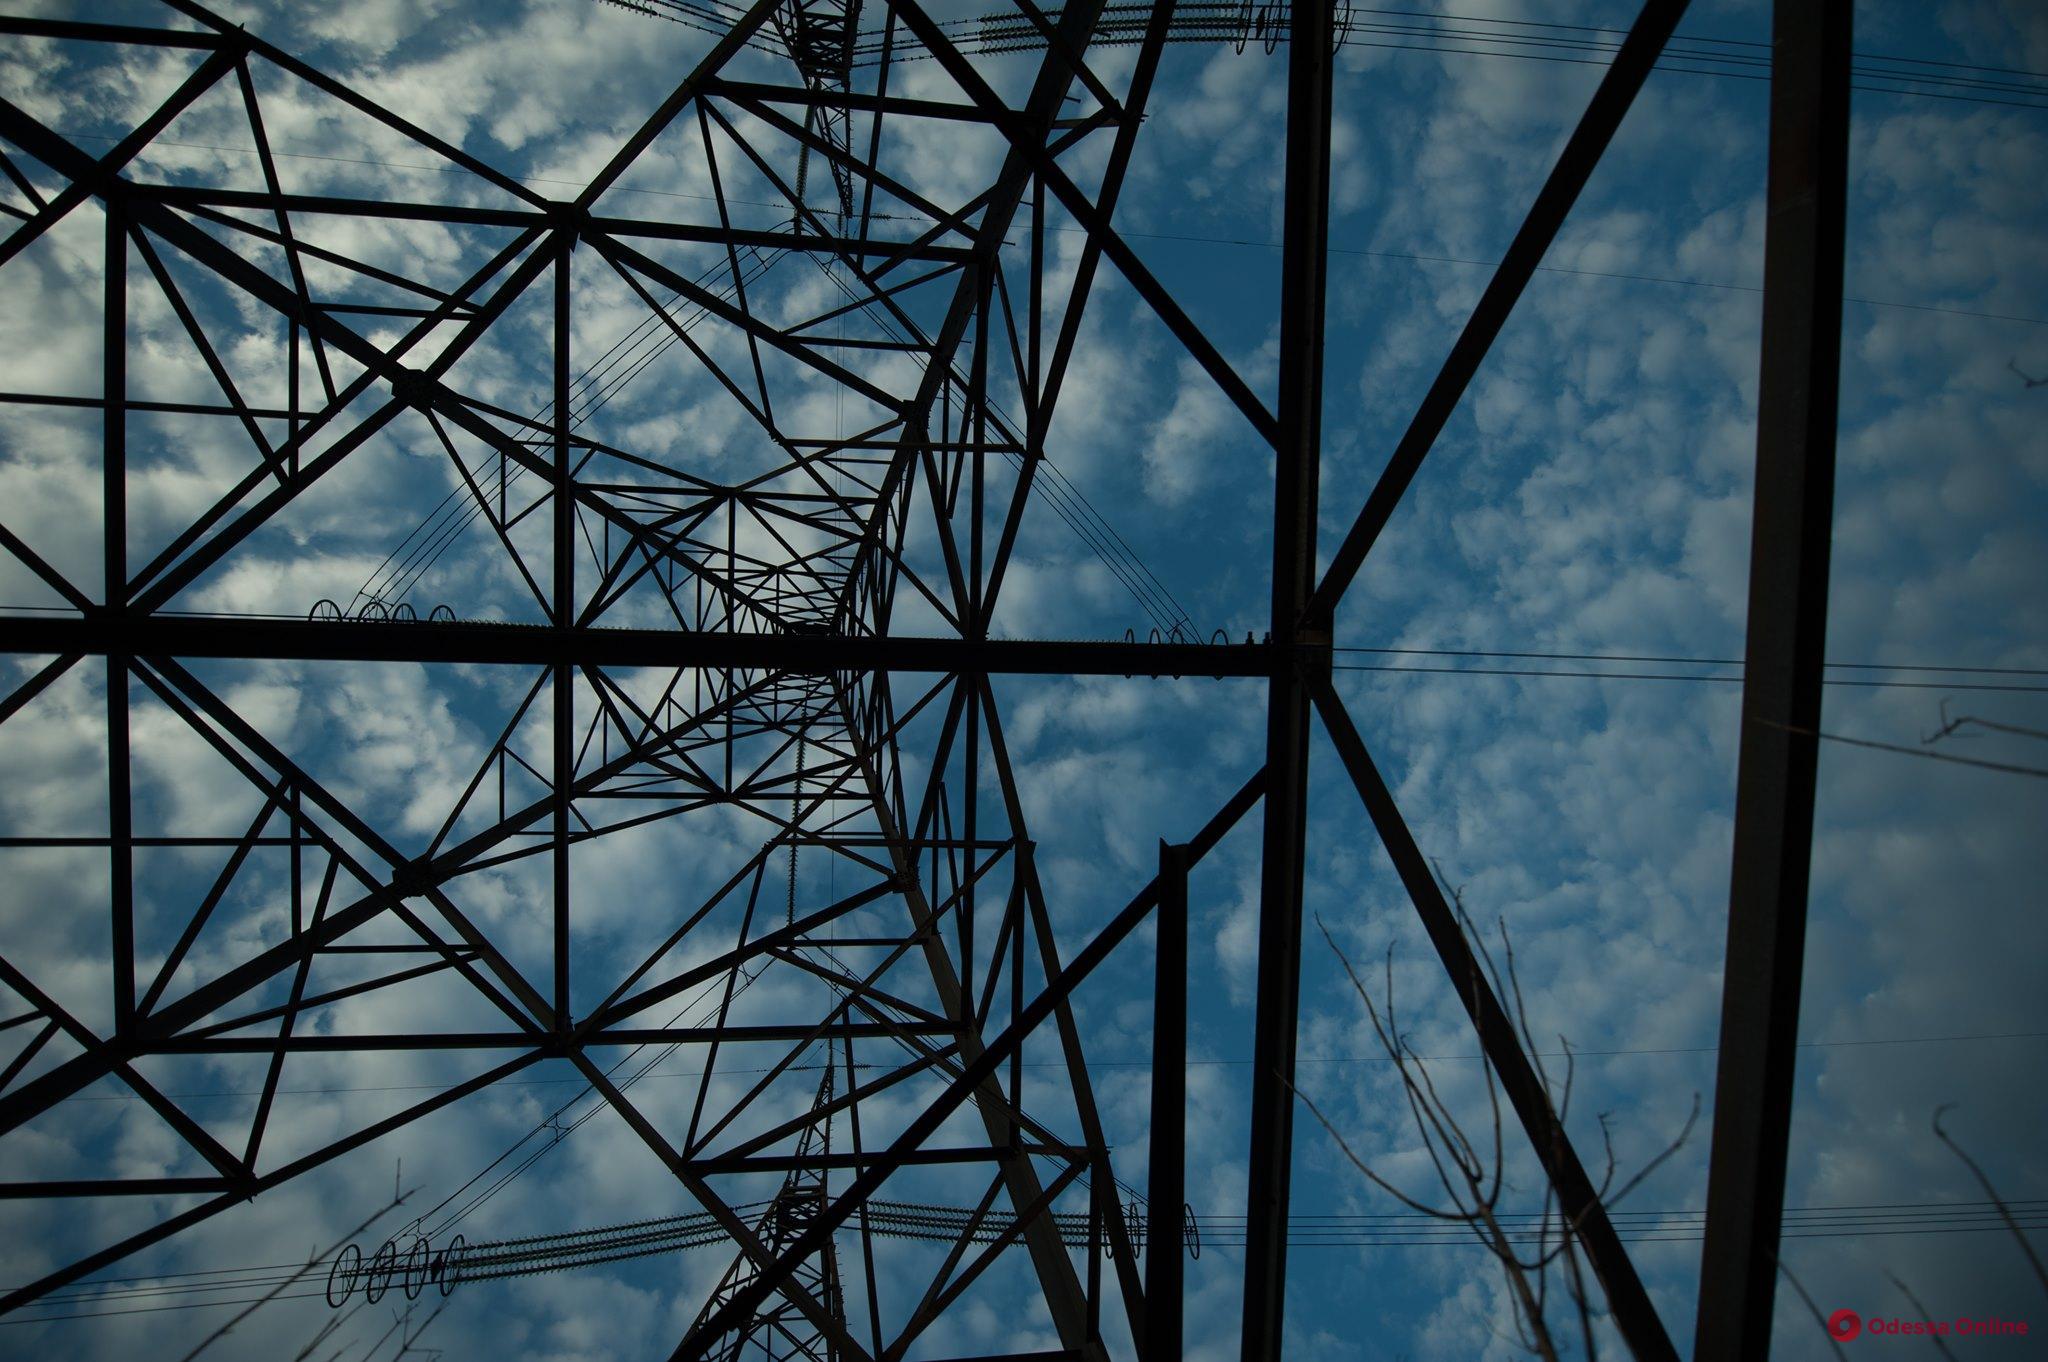 В Одесской области свыше сотни населенных пунктов остались без света из-за масштабной аварии на Молдавской ГРЭС (обновлено)